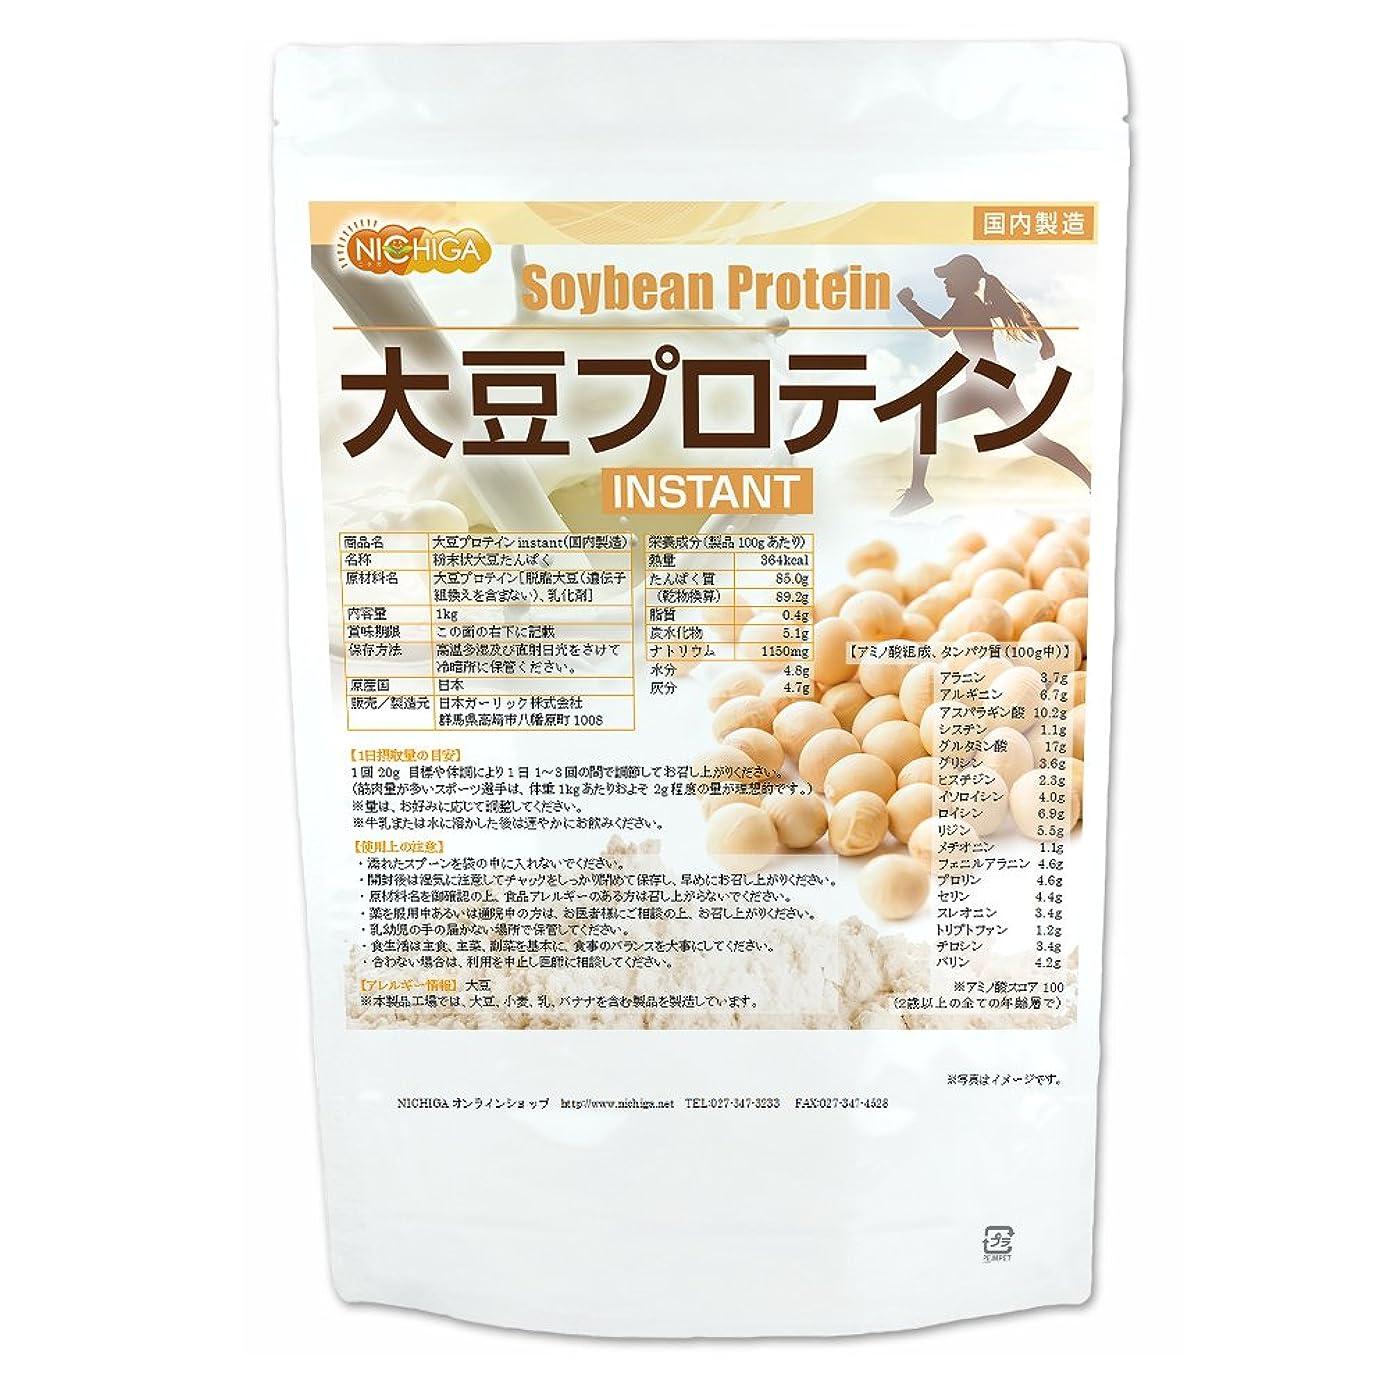 刺します絶望パック大豆プロテイン instant (国内製造) 1kg [02] NICHIGA(ニチガ) ソイプロテイン 遺伝子組み換え不使用 冷たい牛乳や豆乳にも溶けやすく改良